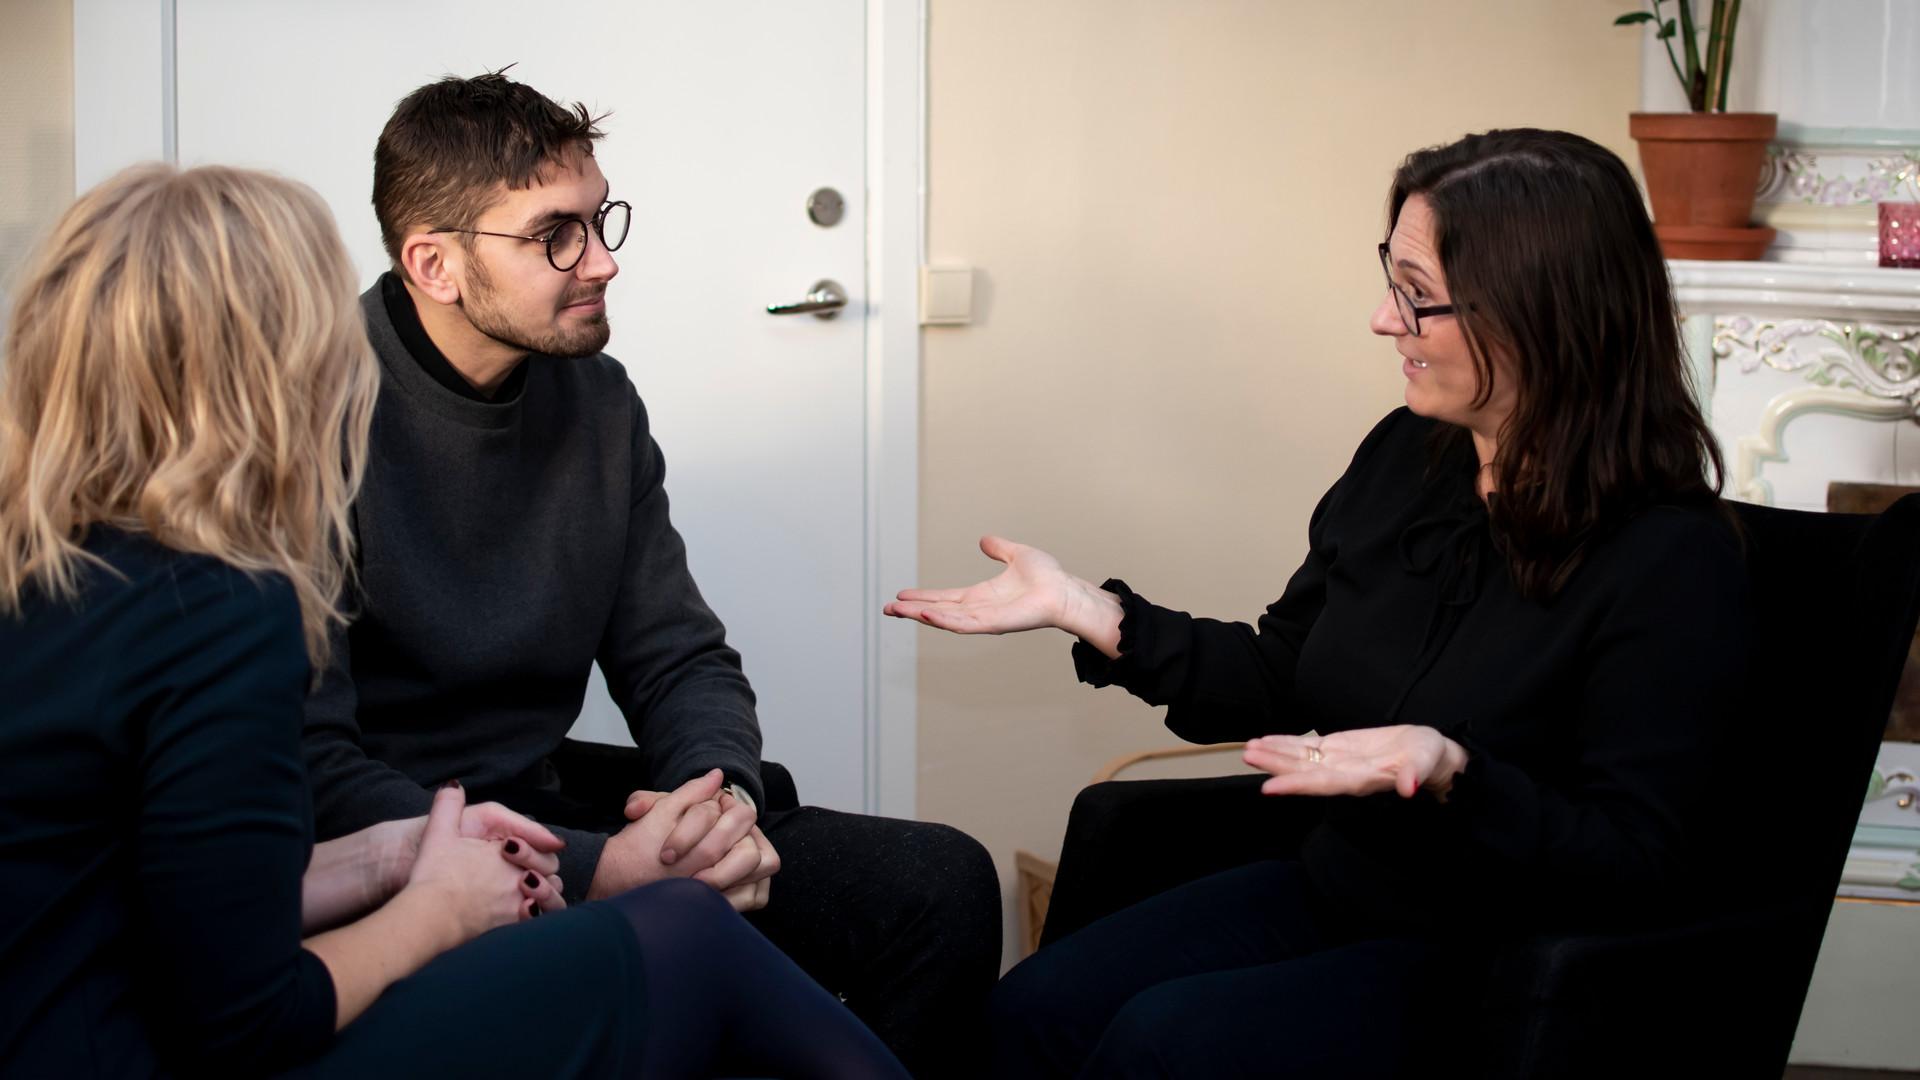 Tre personer sitter ner och pratar med varandra